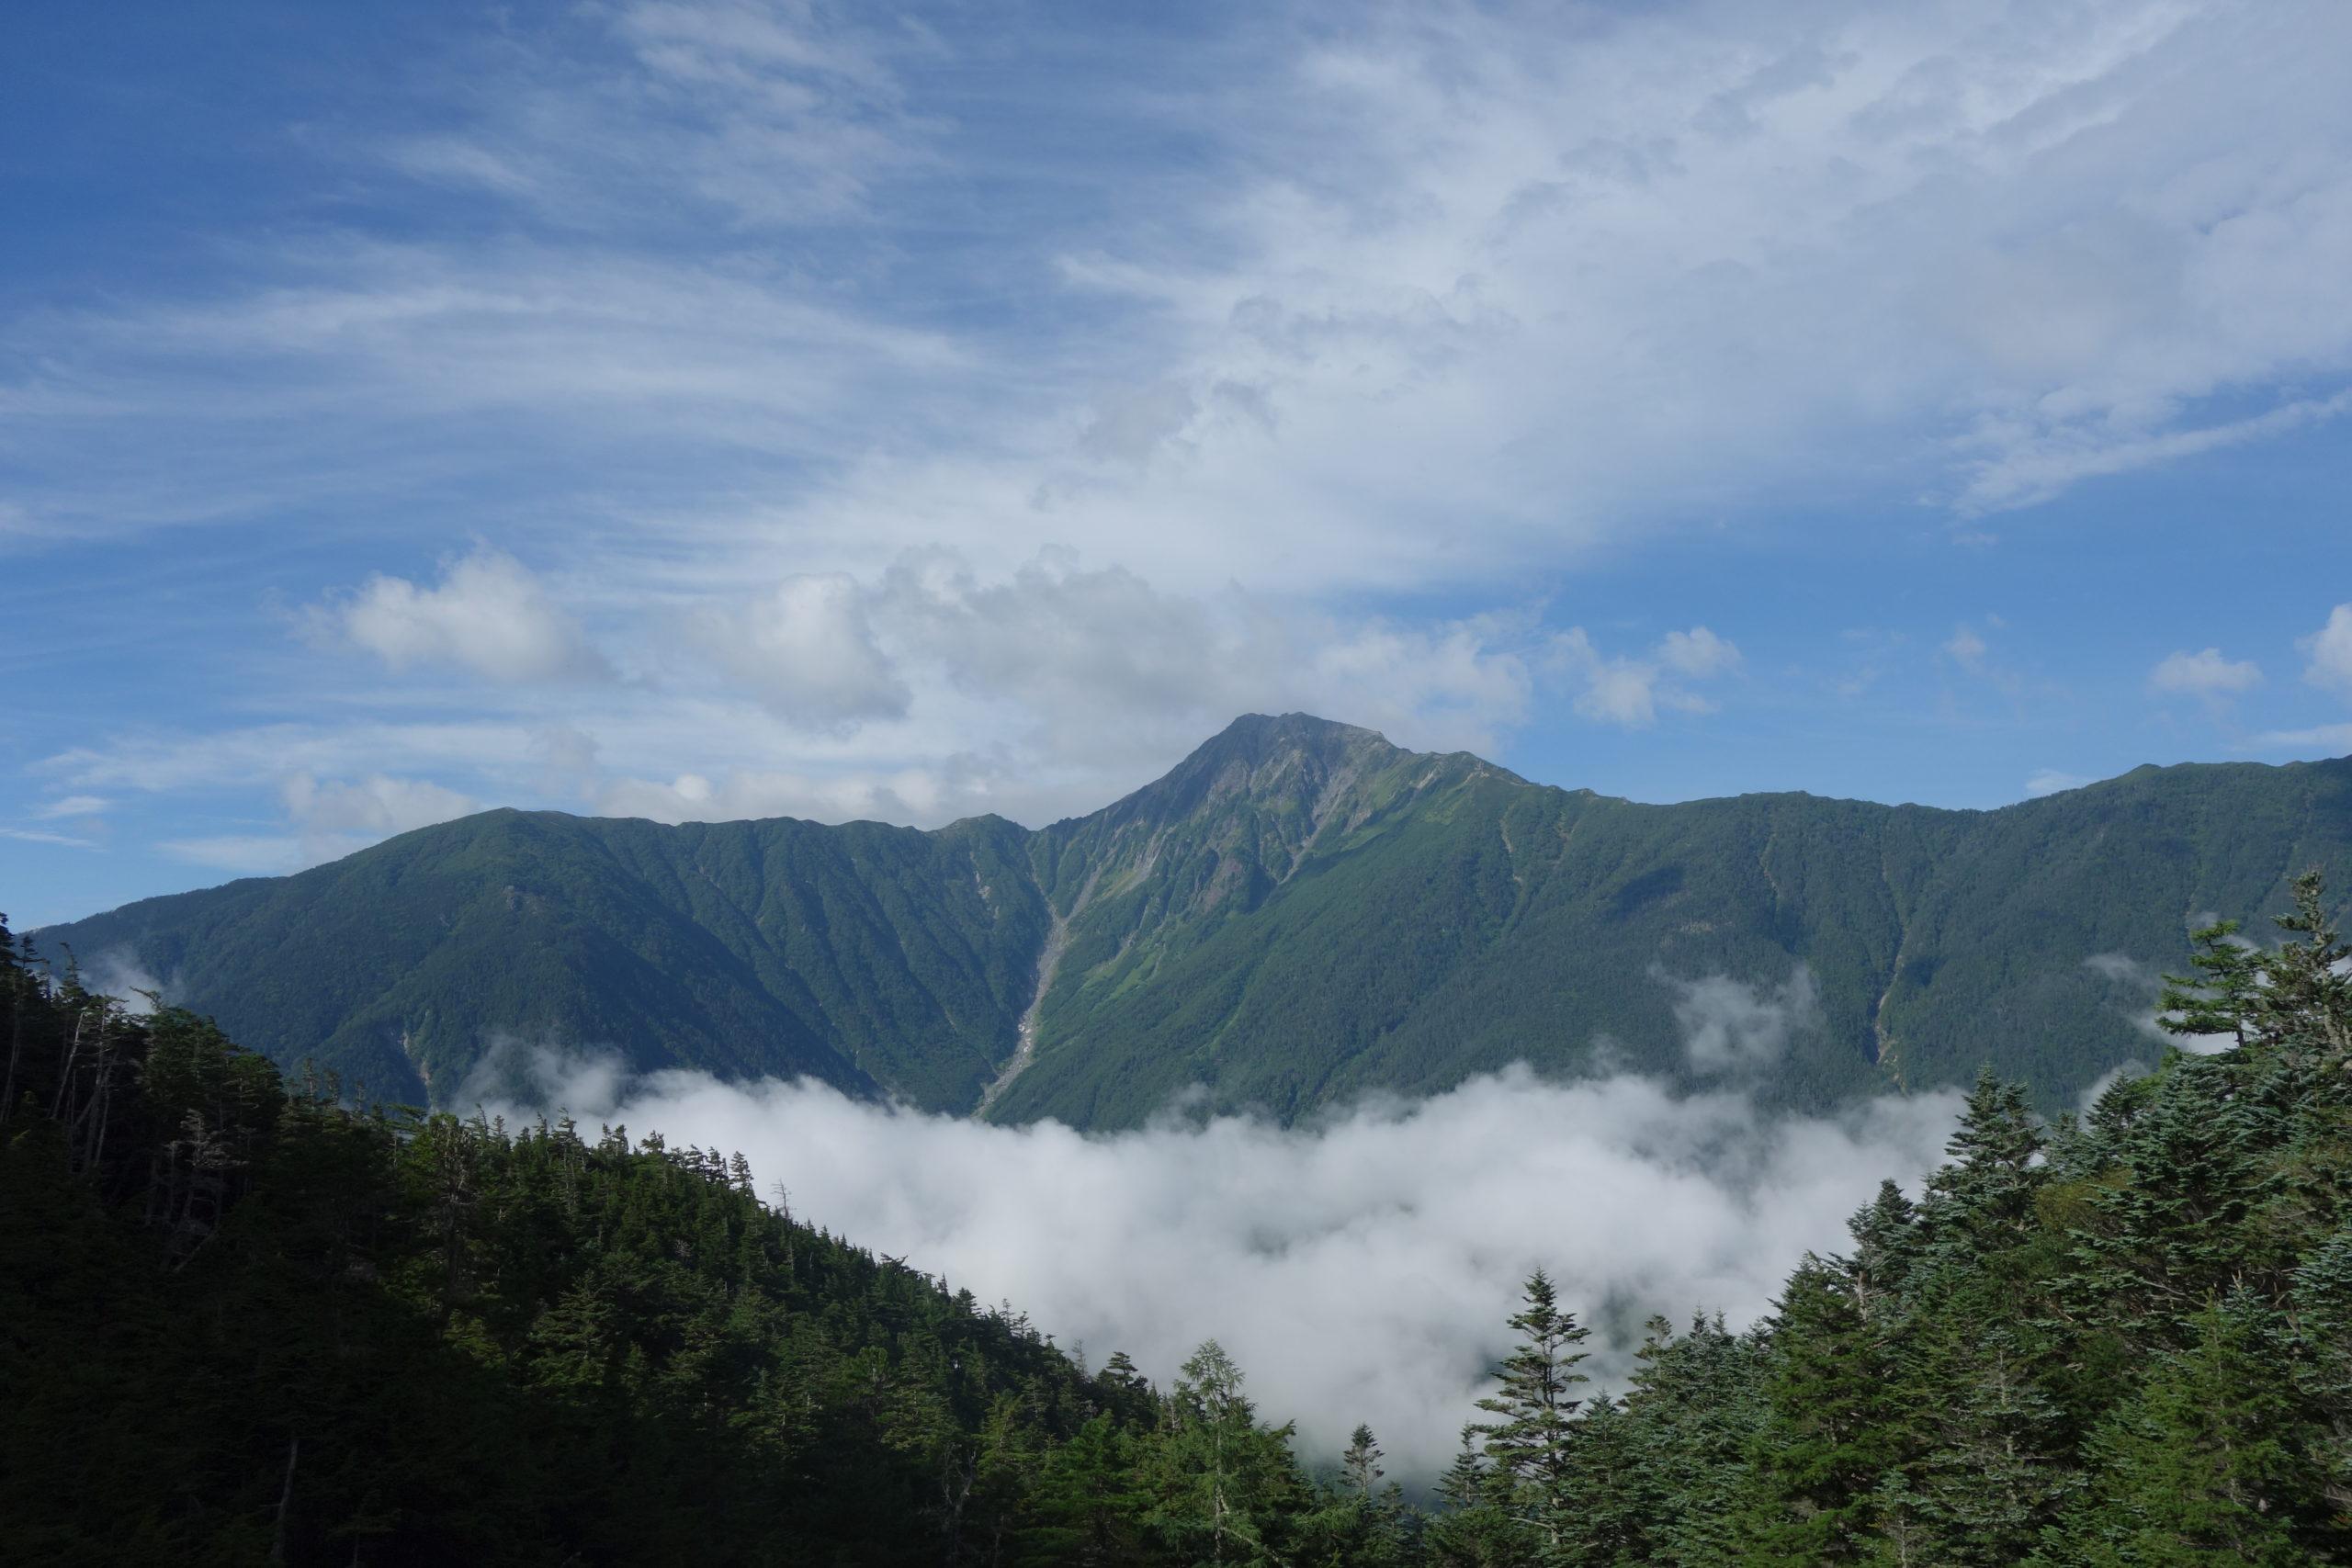 鳳凰三山地蔵岳 広河原〜白凰峠